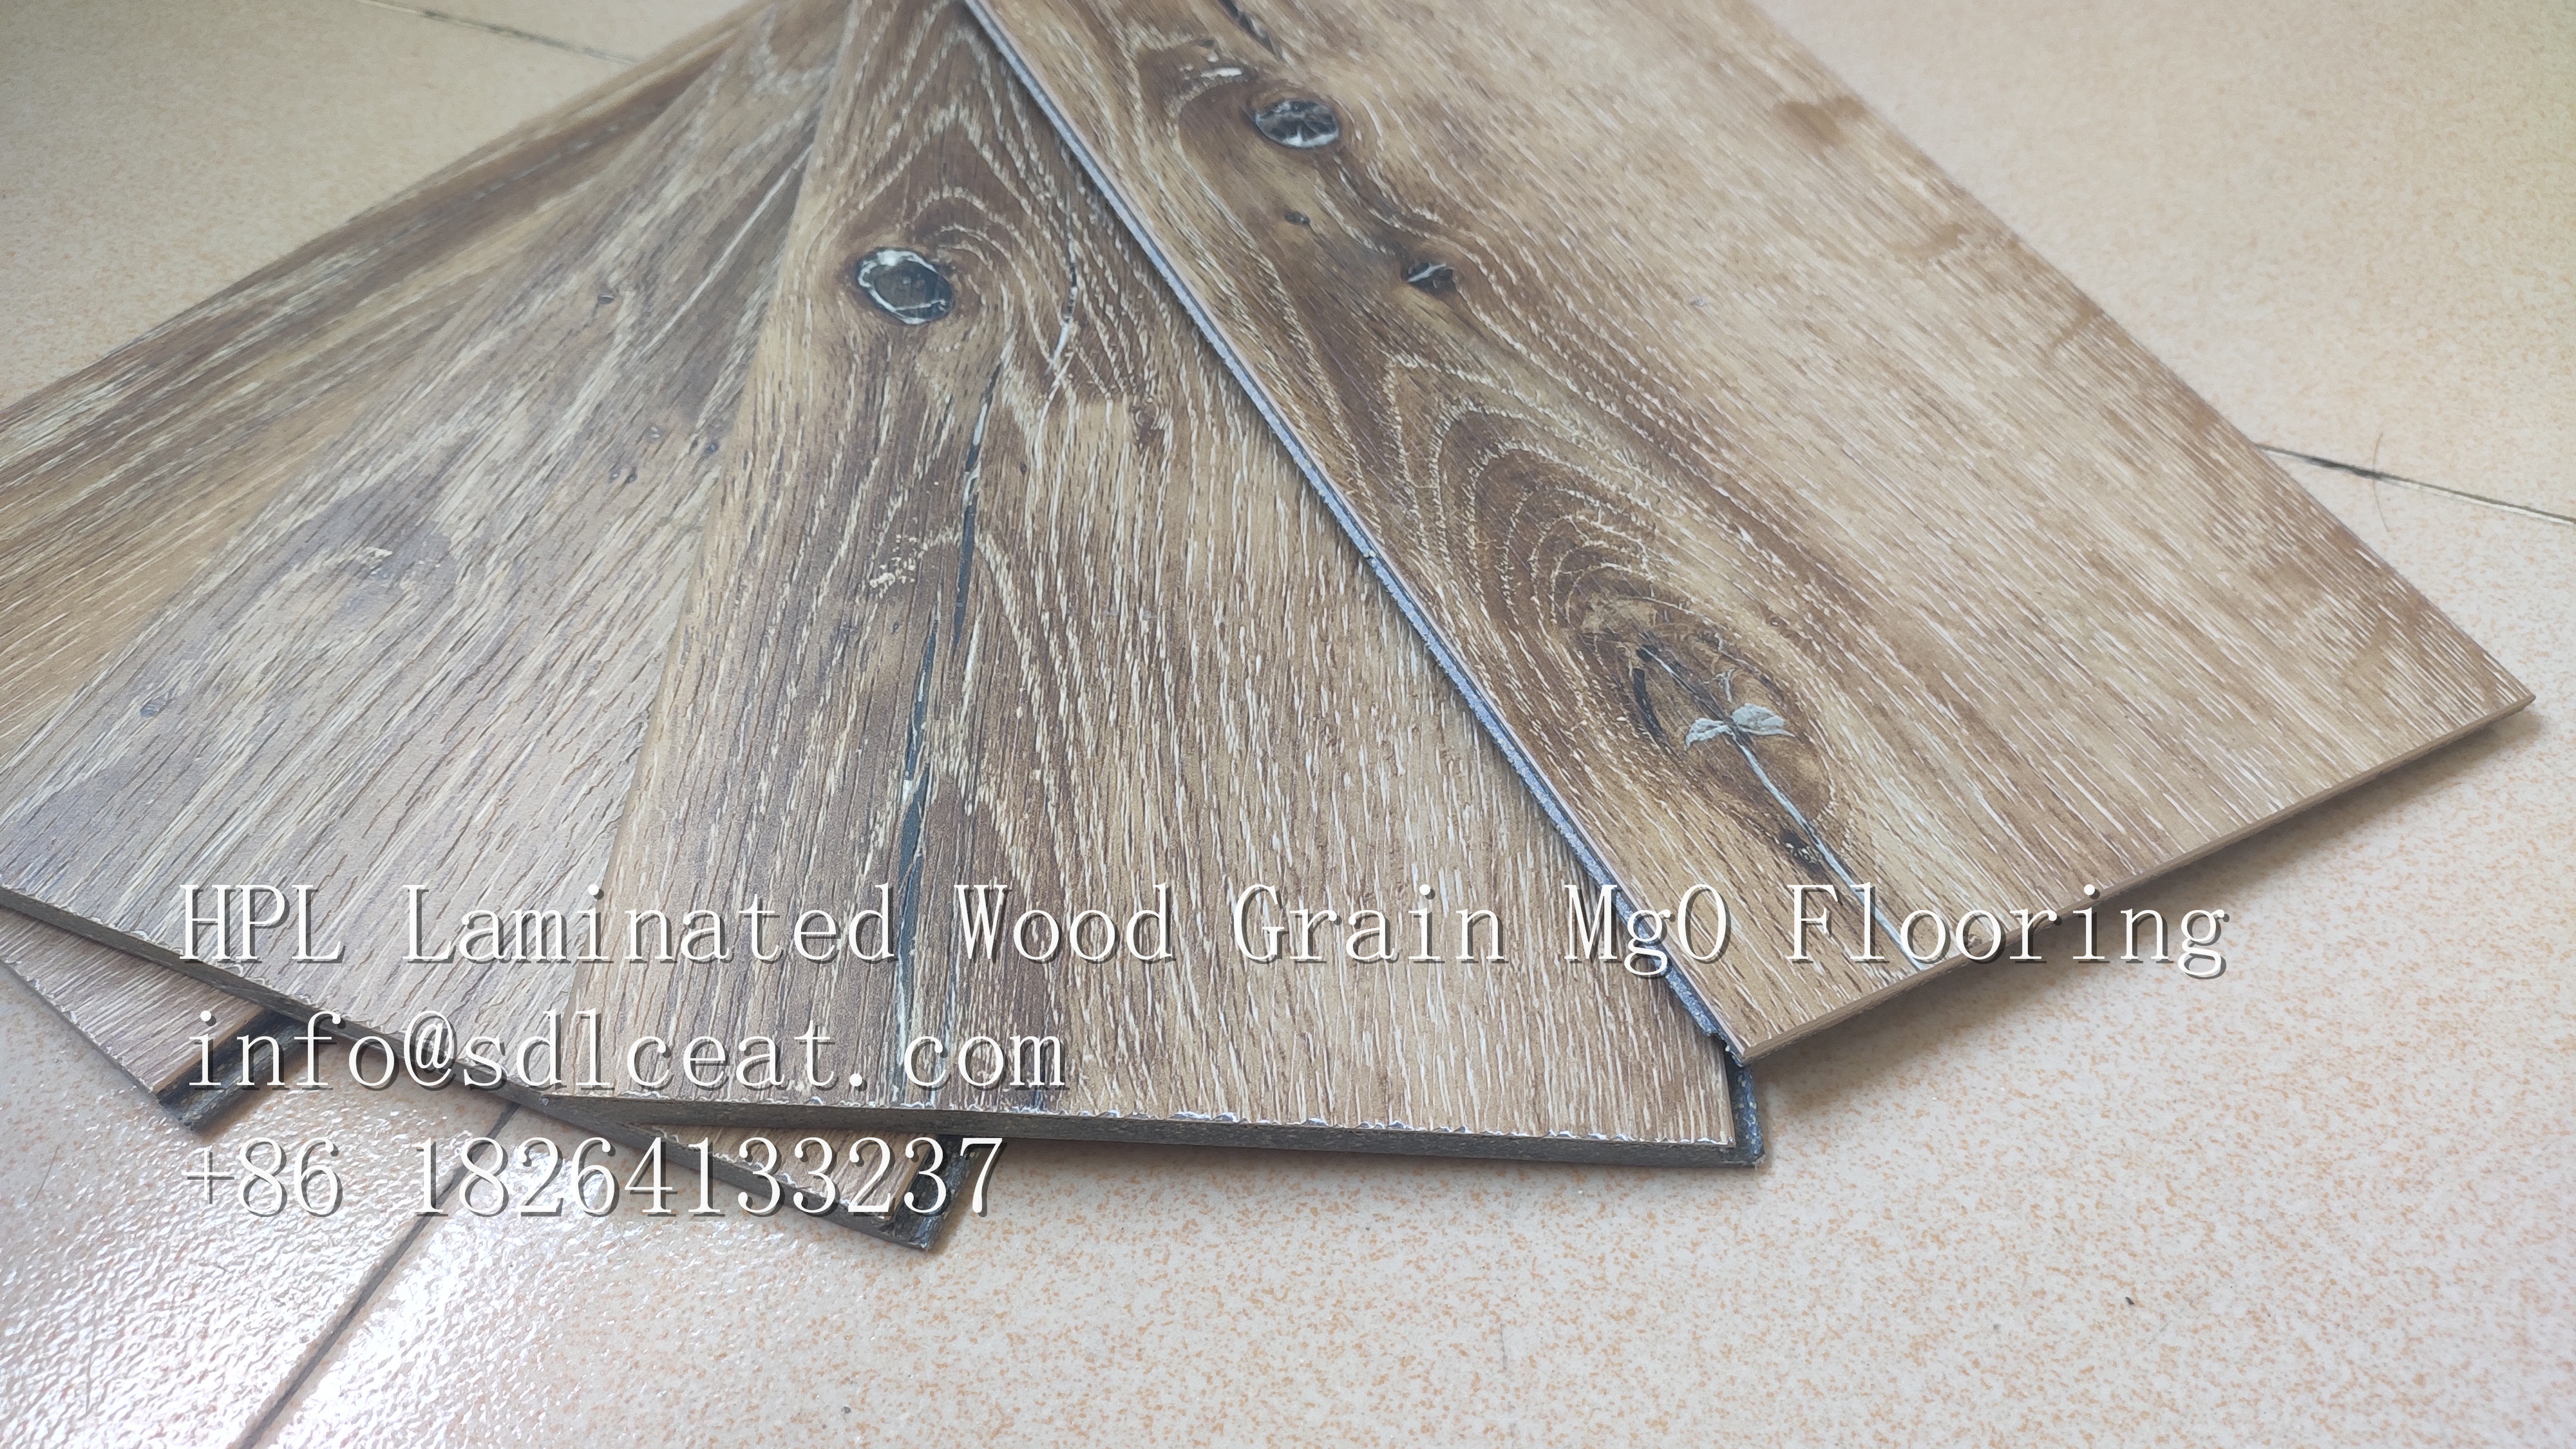 MgO Laminated Flooring Panels